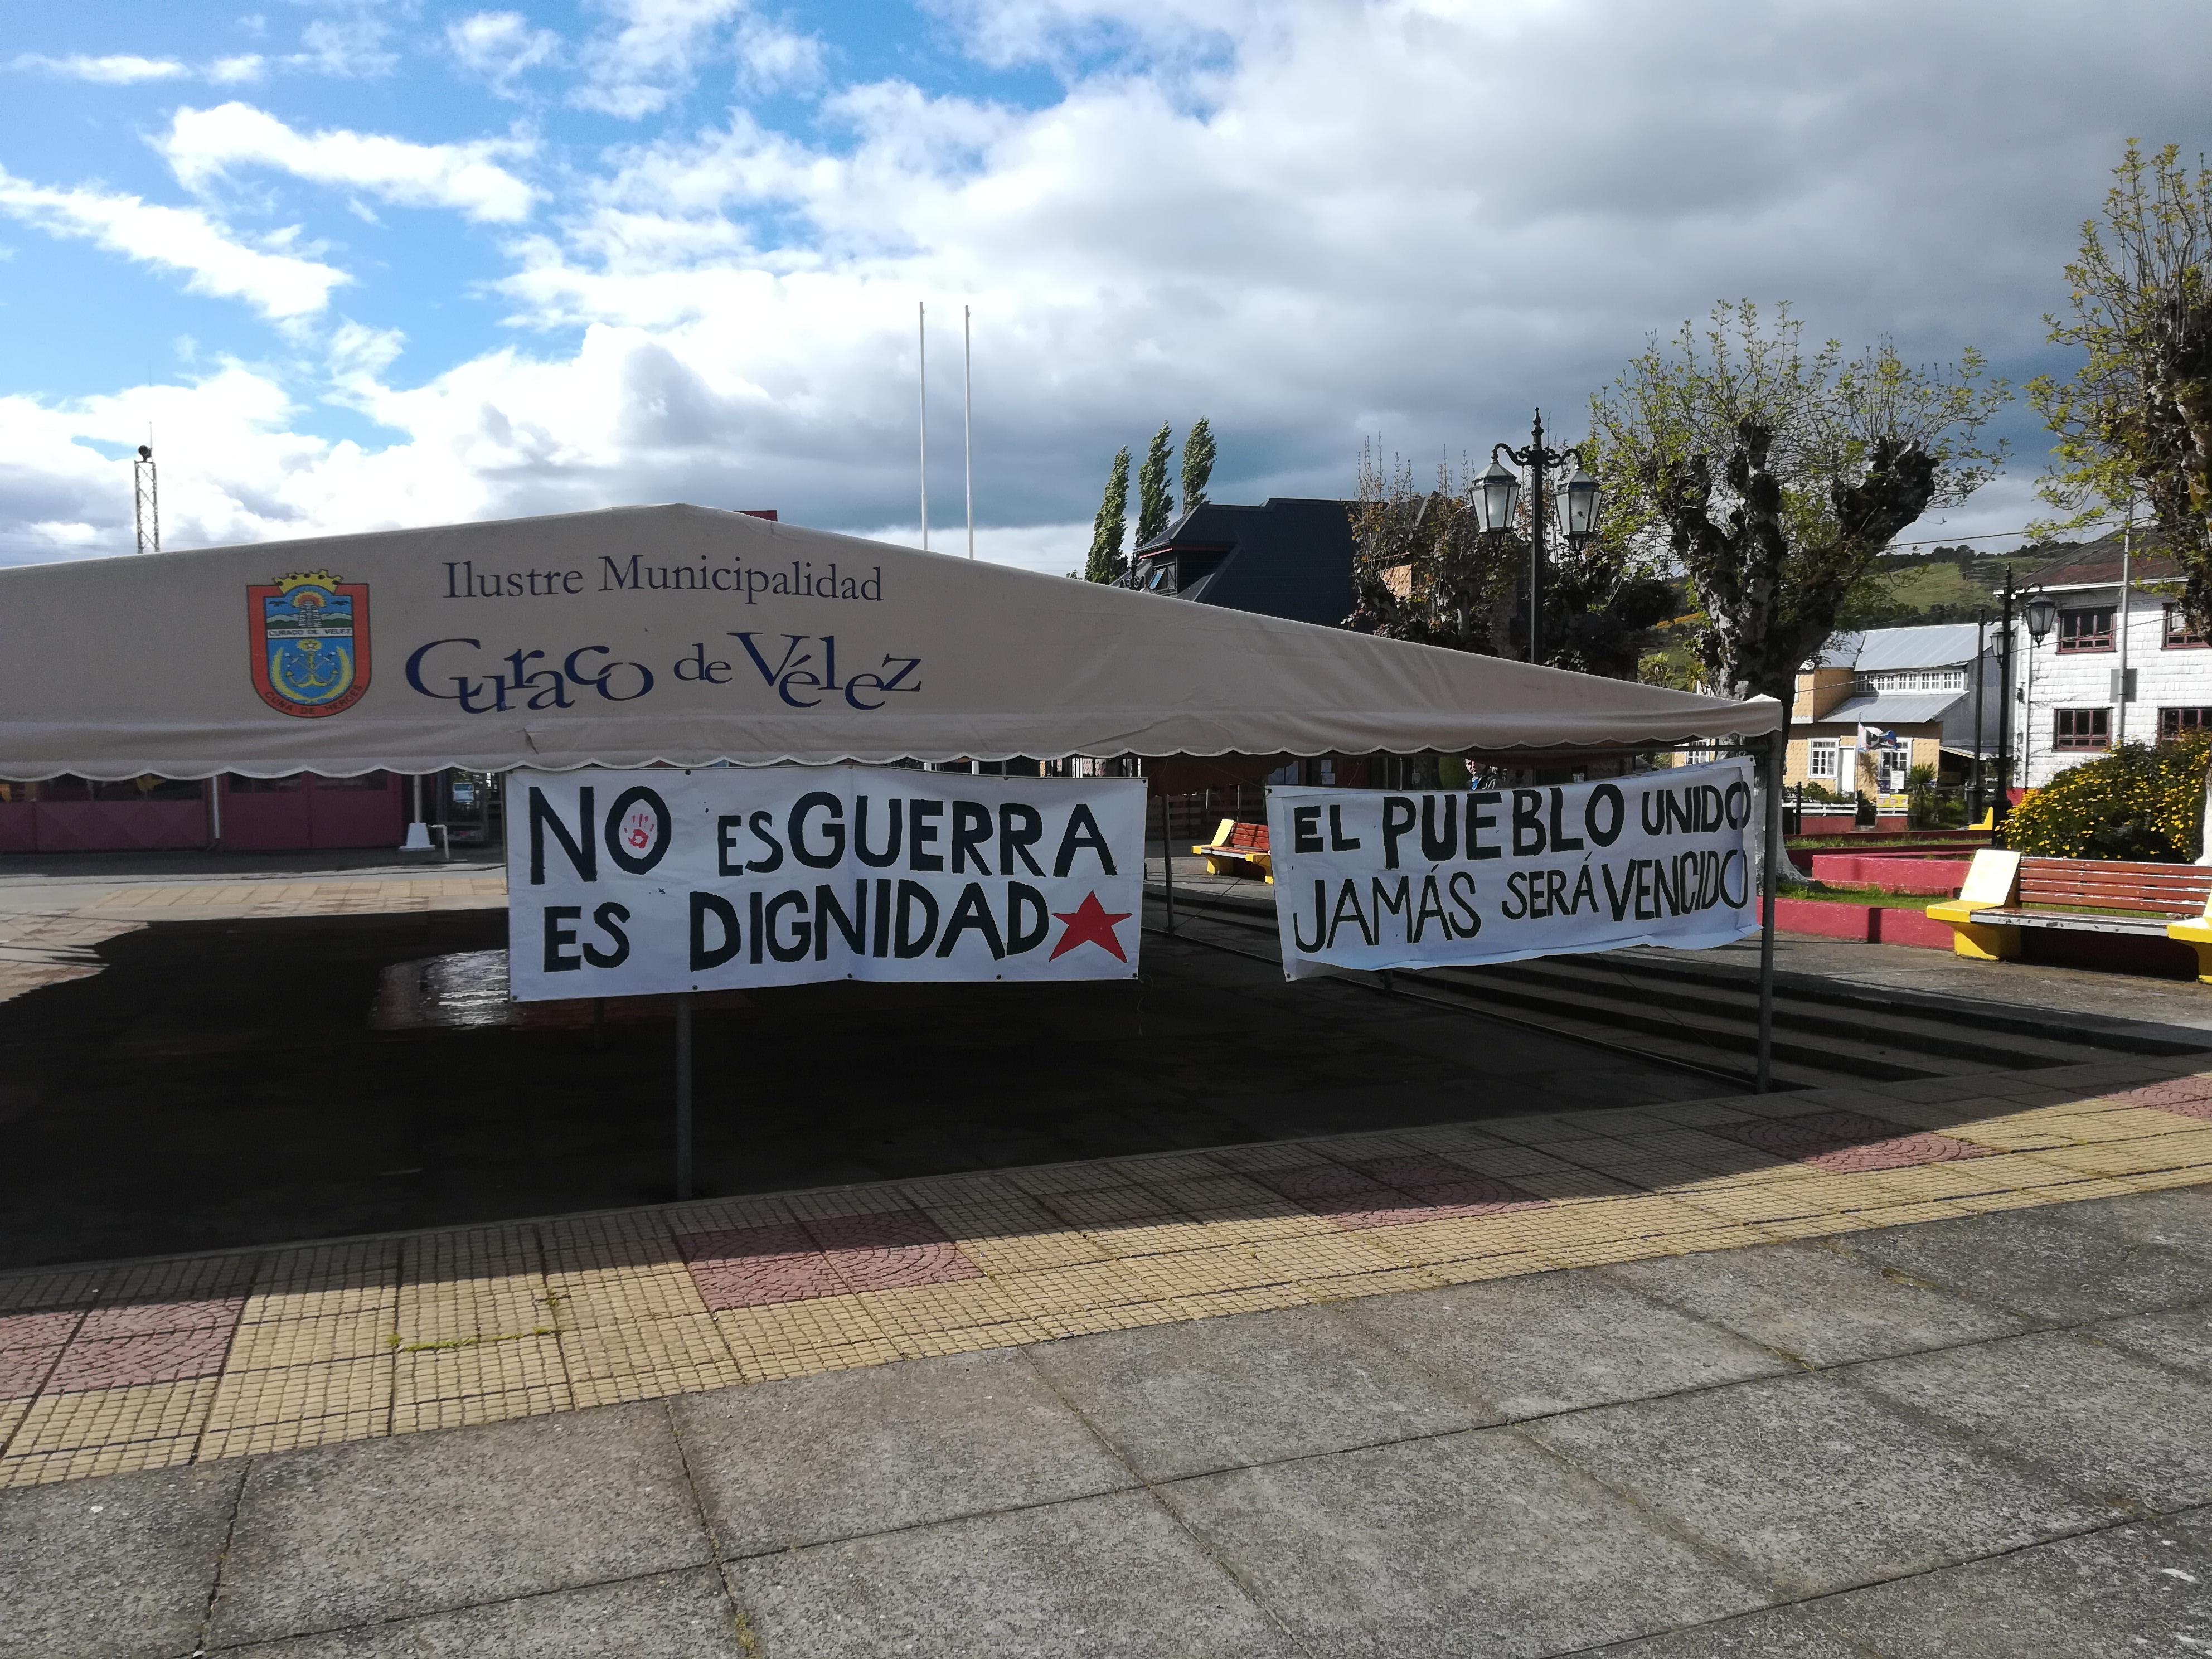 Pancartas en Curaco de Vélez